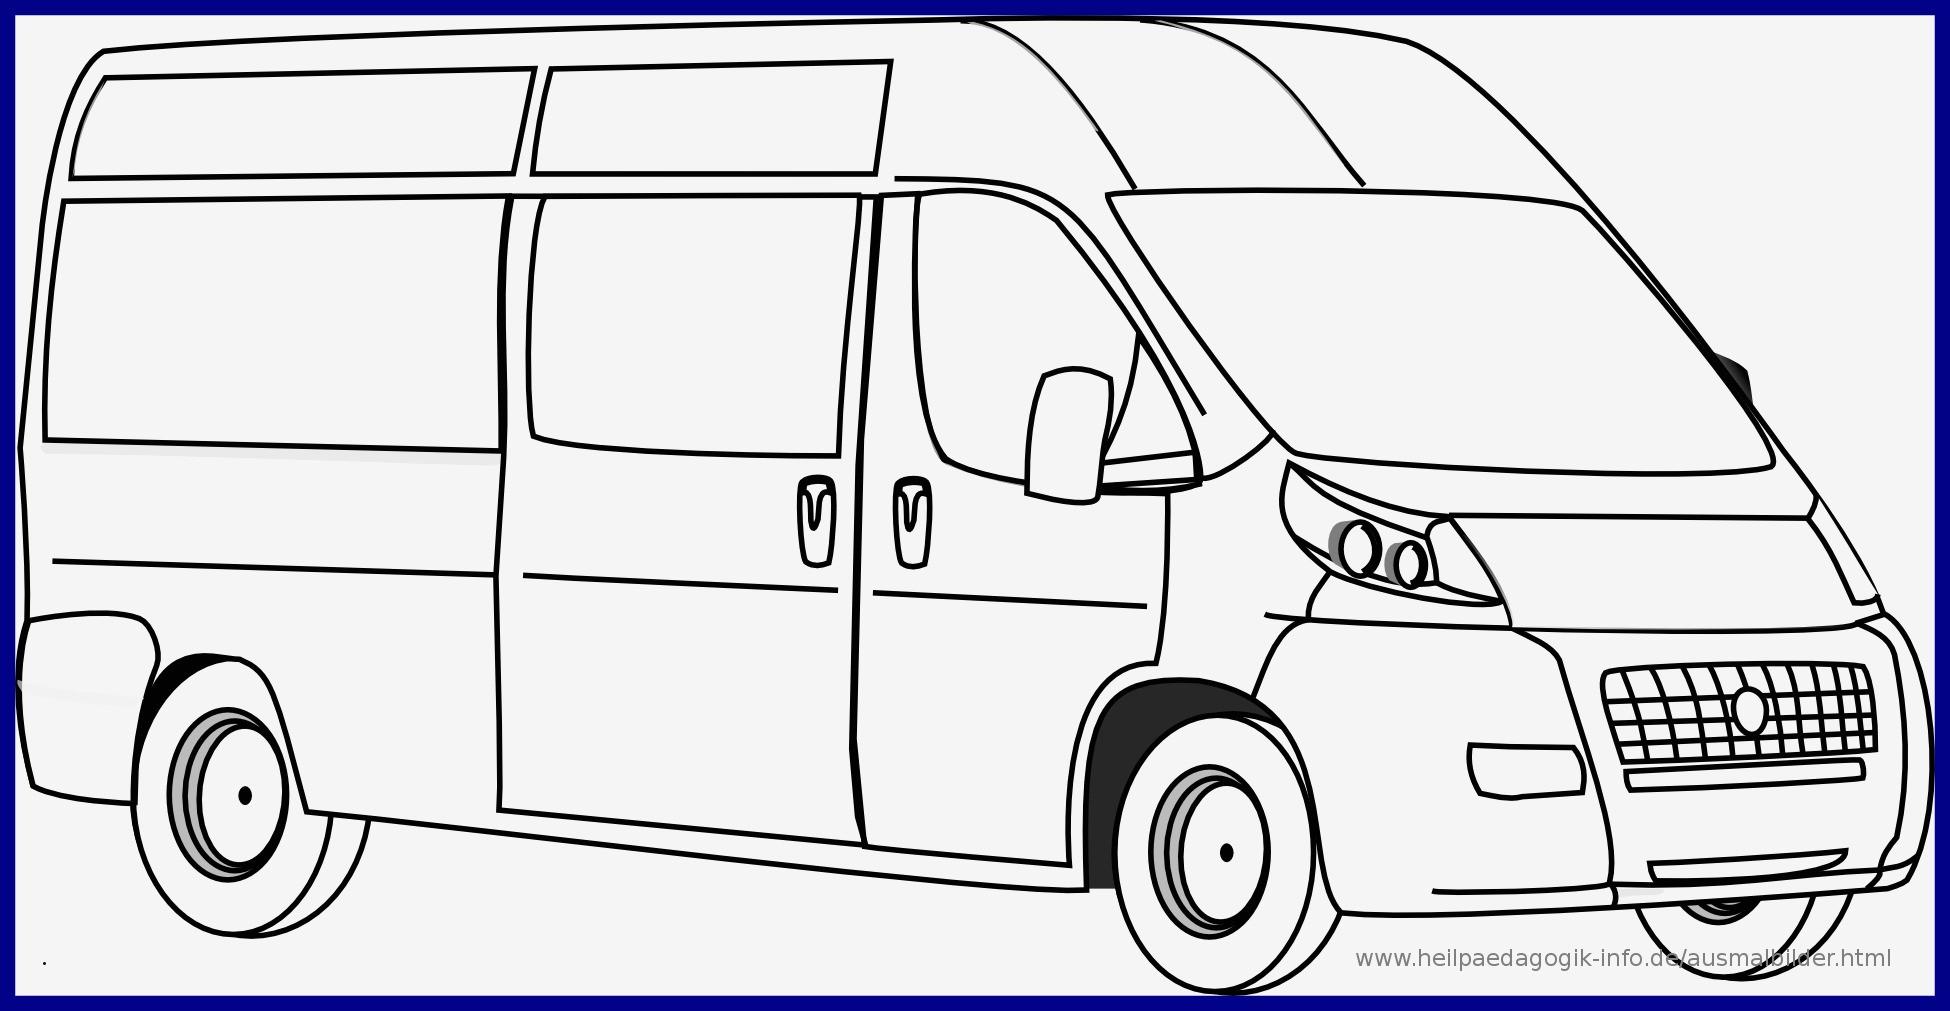 Malvorlage Lightning Mcqueen Frisch 52 Beispiel Cars Ausmalbilder Lightning Mcqueen Treehouse Nyc Das Bild